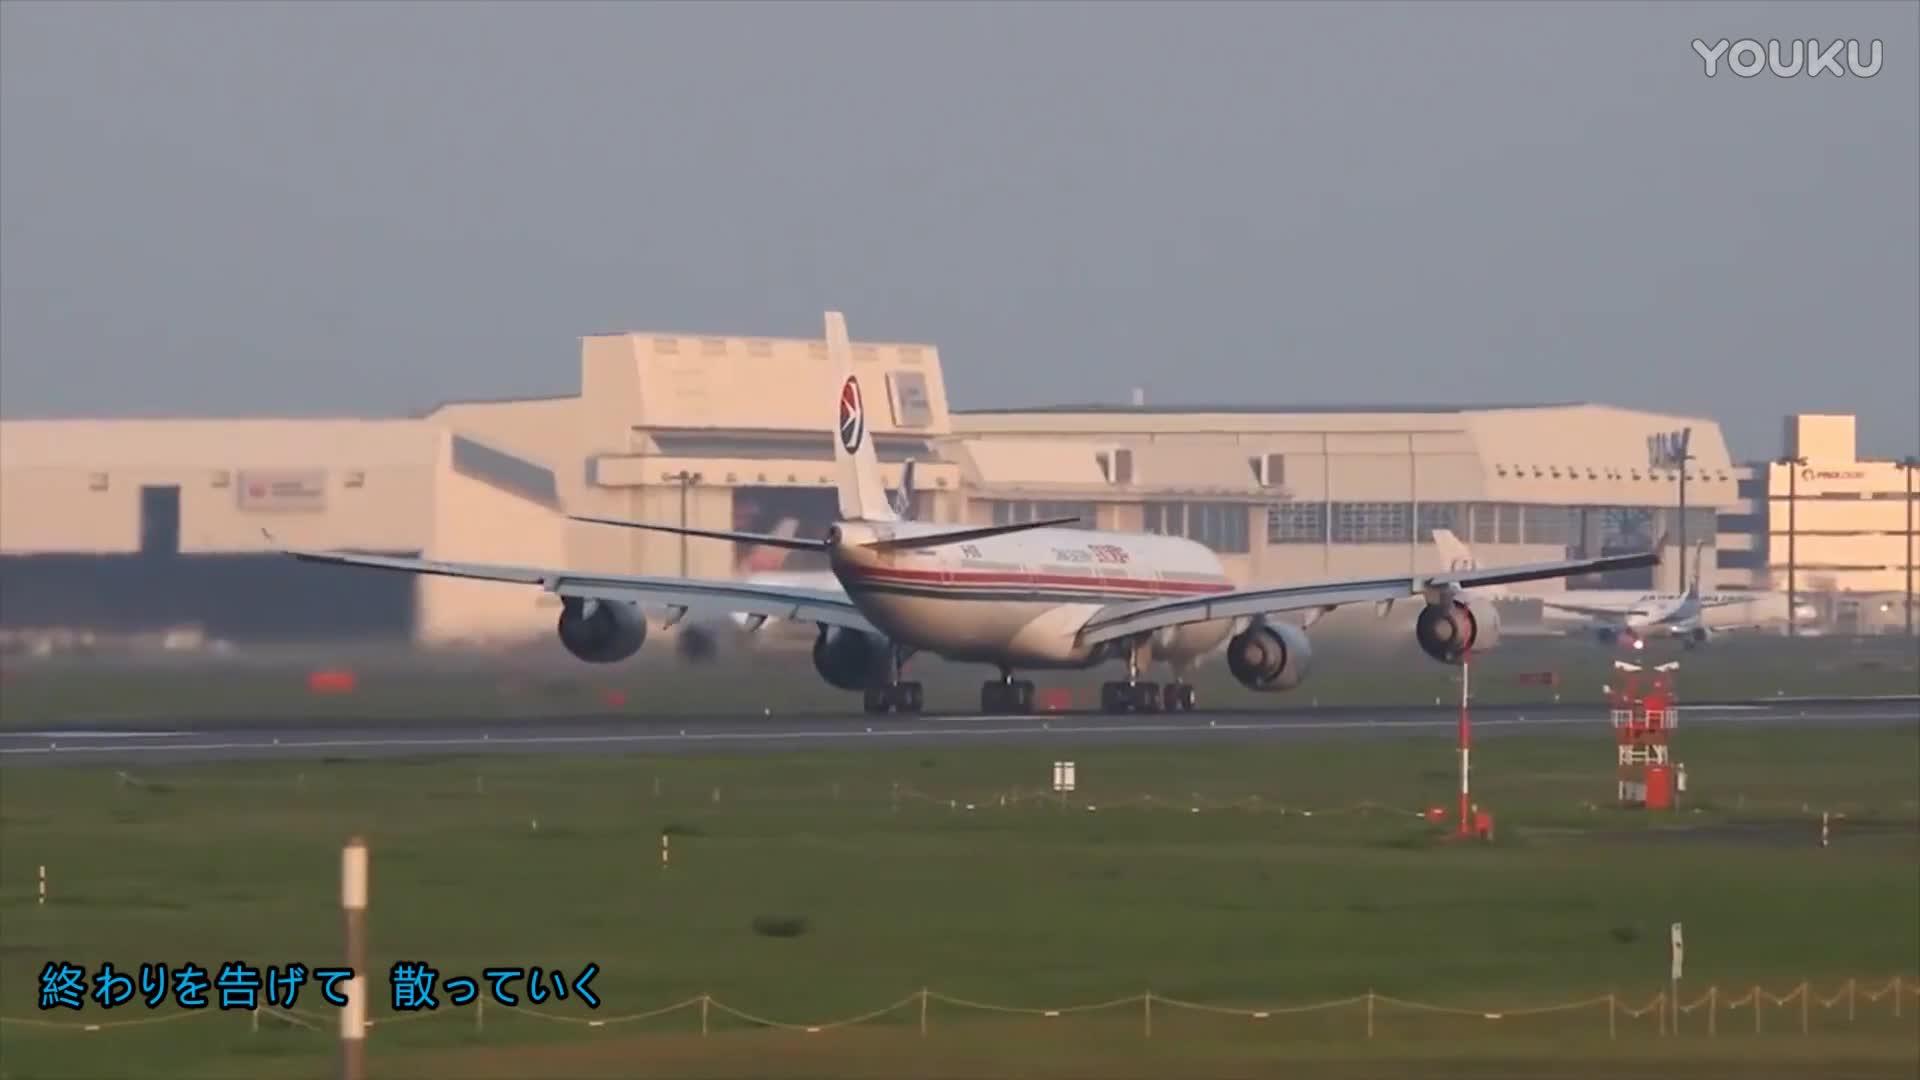 民航飞机起飞降落集锦-视频 焦点视频